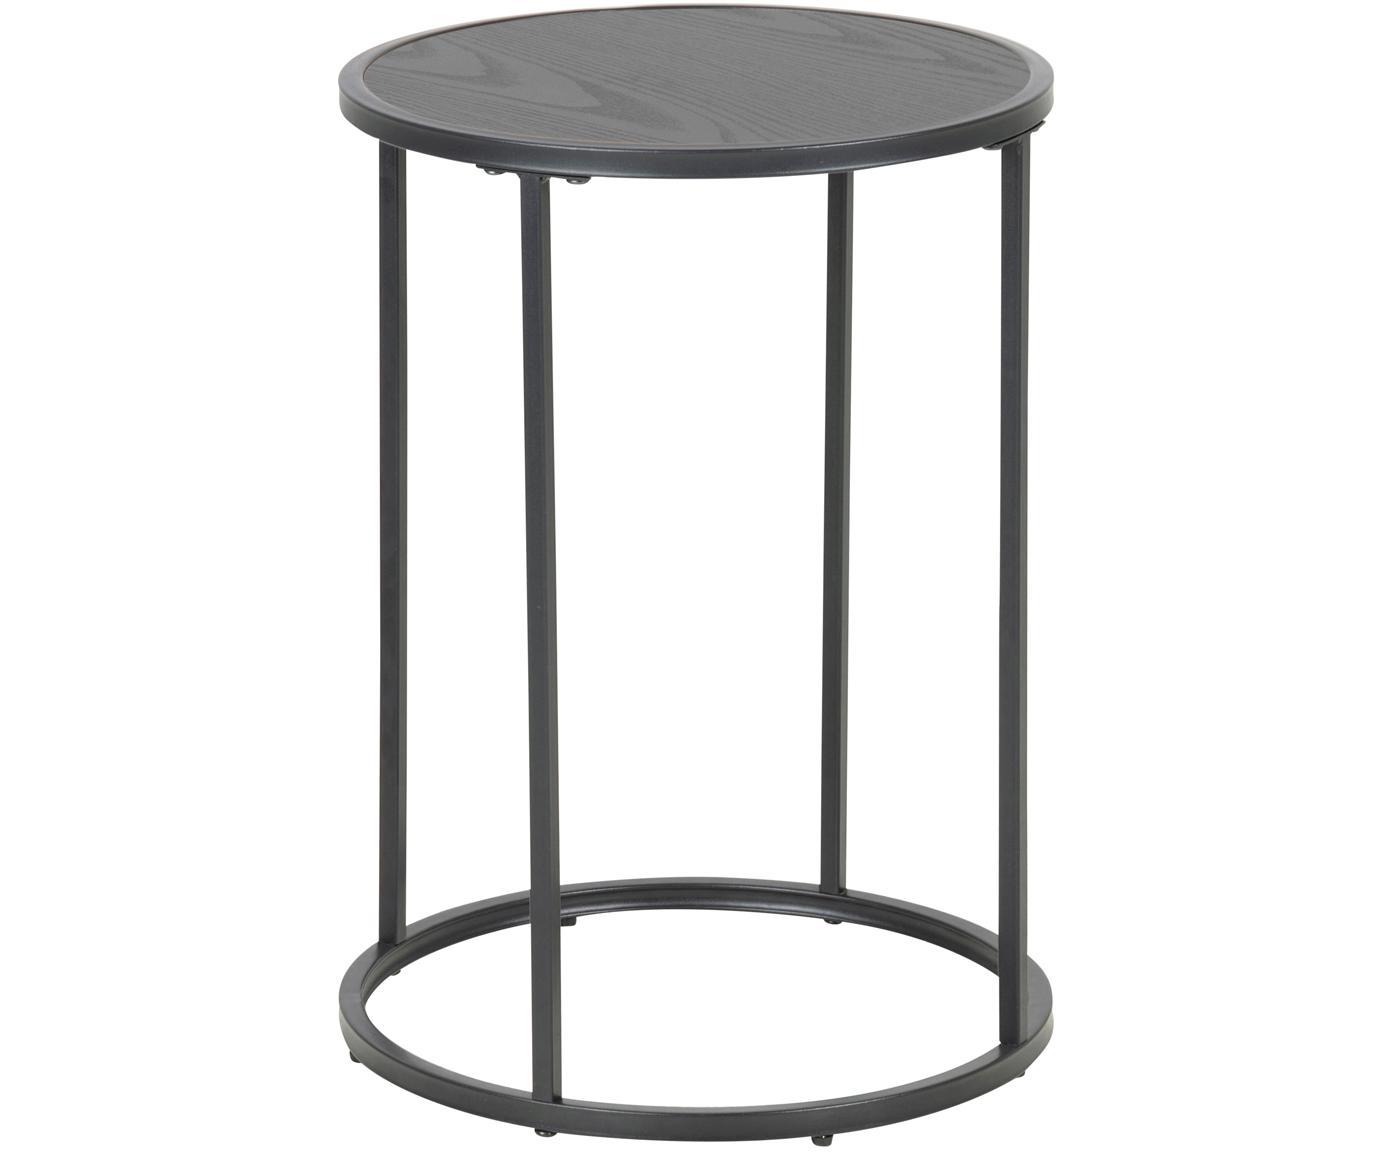 Tavolino d'appoggio Seaford, Pannello di fibra a media densità (MDF), melamina, metallo verniciato a polvere, Nero, Ø 40 x Alt. 55 cm